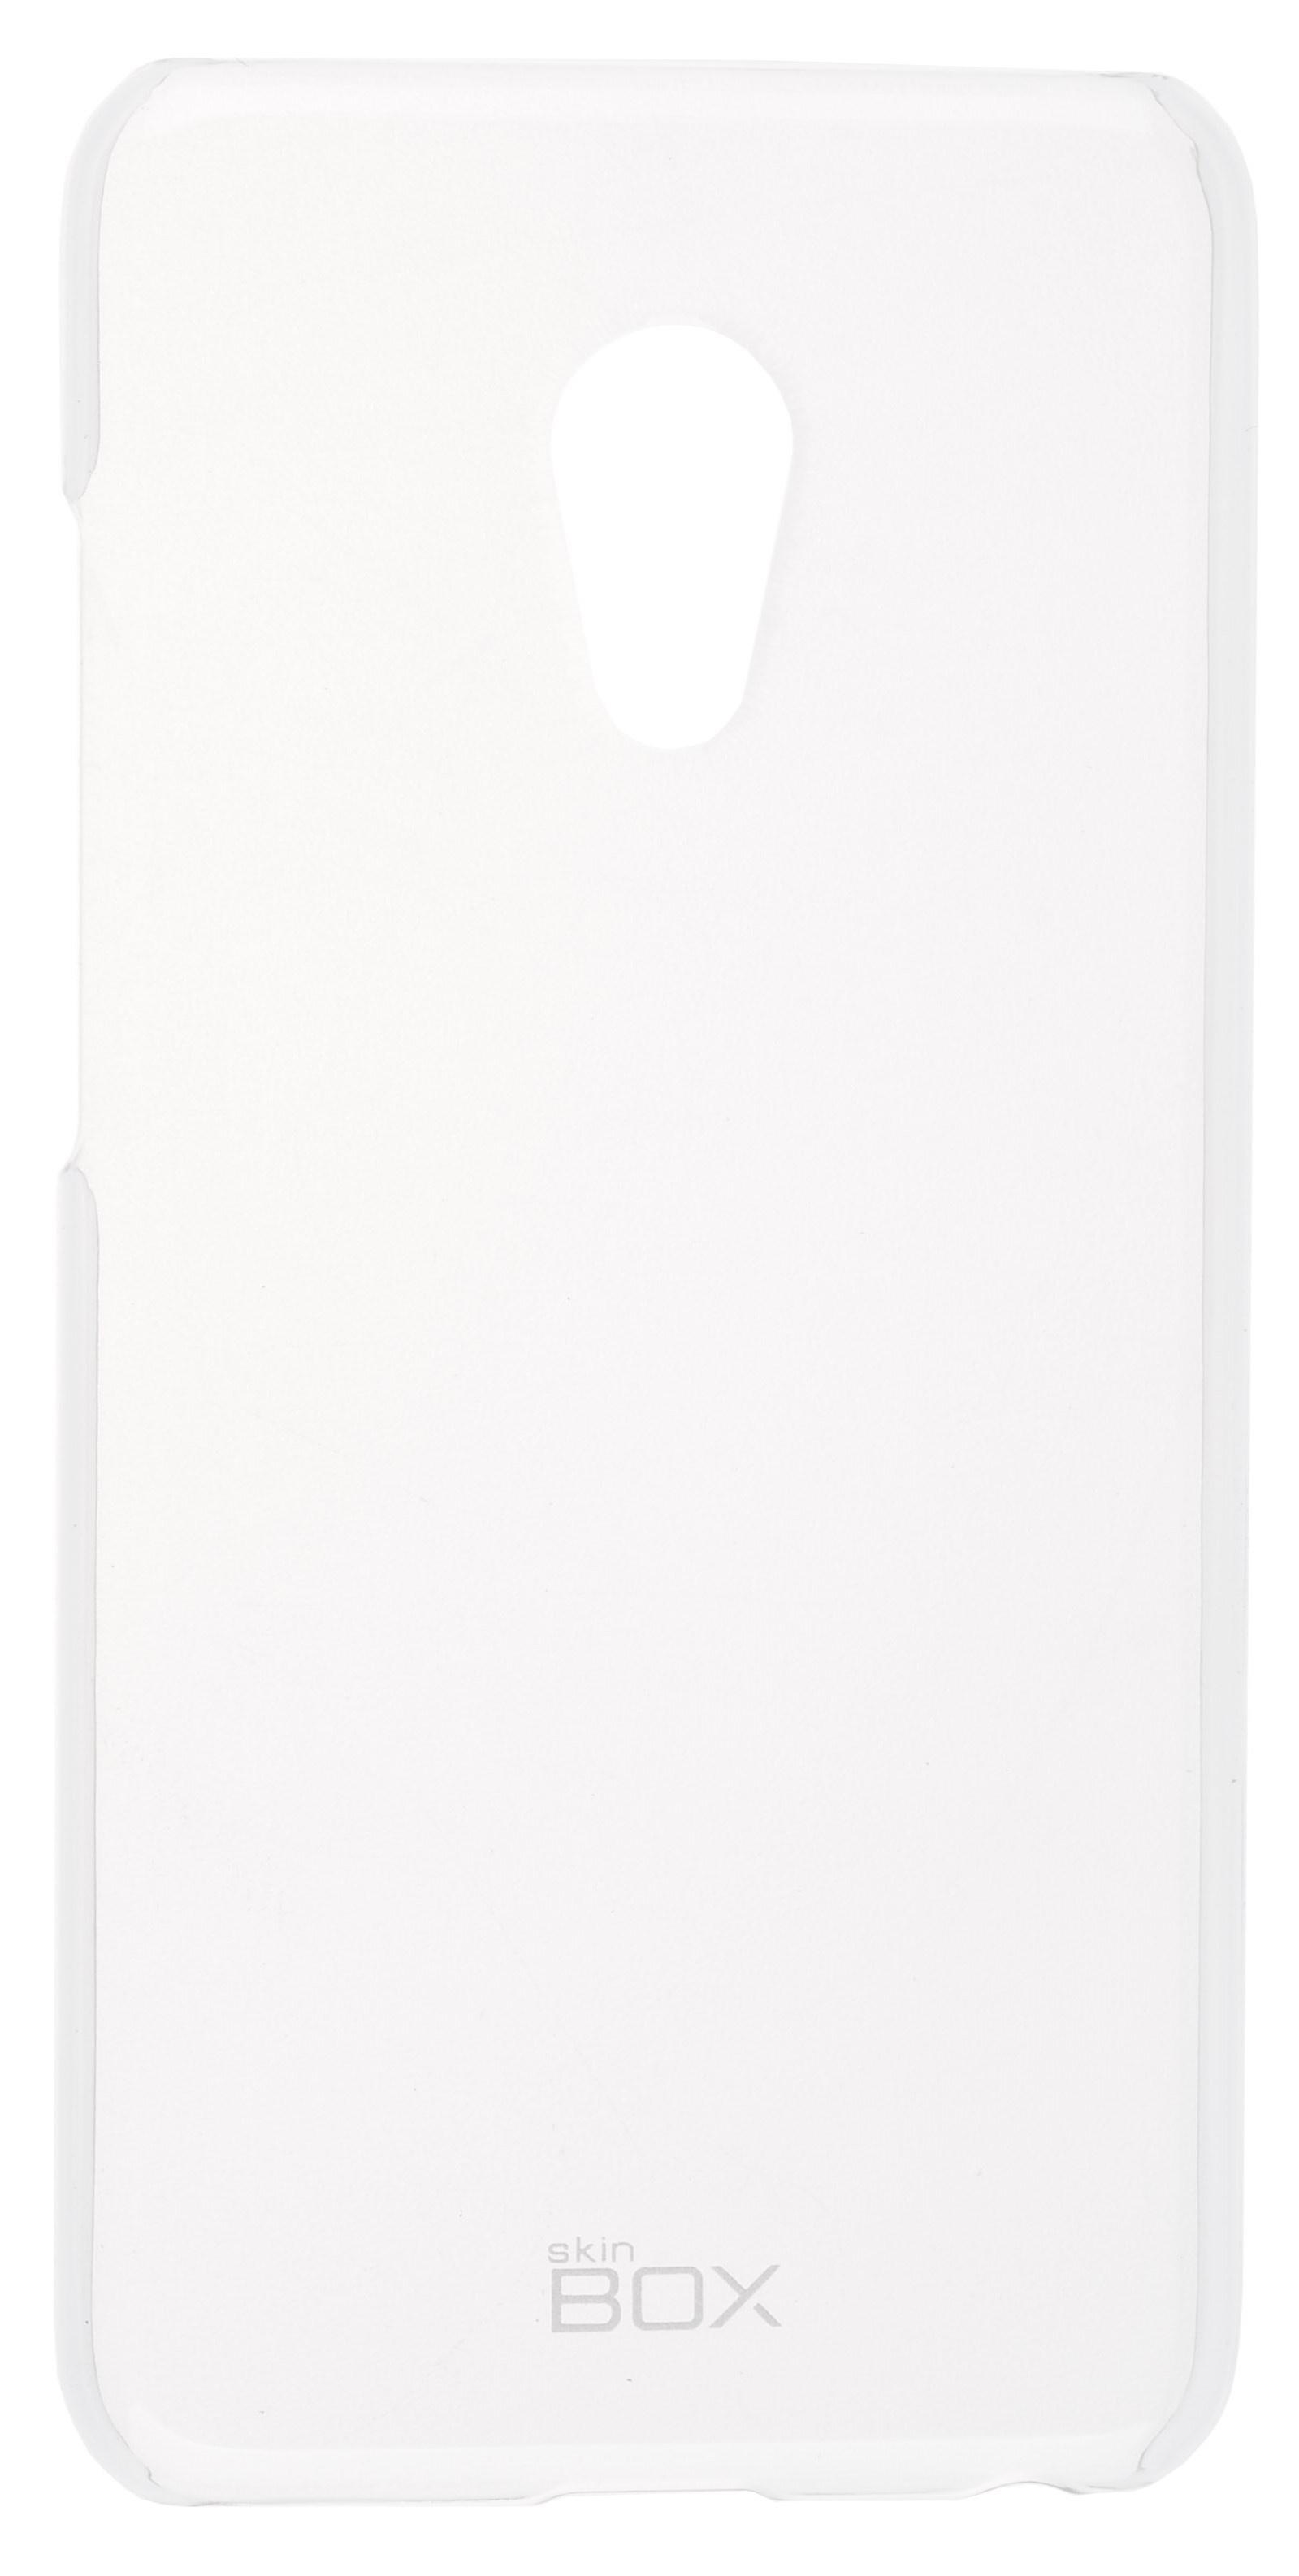 Чехол для сотового телефона skinBOX Crystal, 4630042528017, прозрачный чехол для samsung galaxy j5 2017 sm j530fm skinbox slim silicone case прозрачный